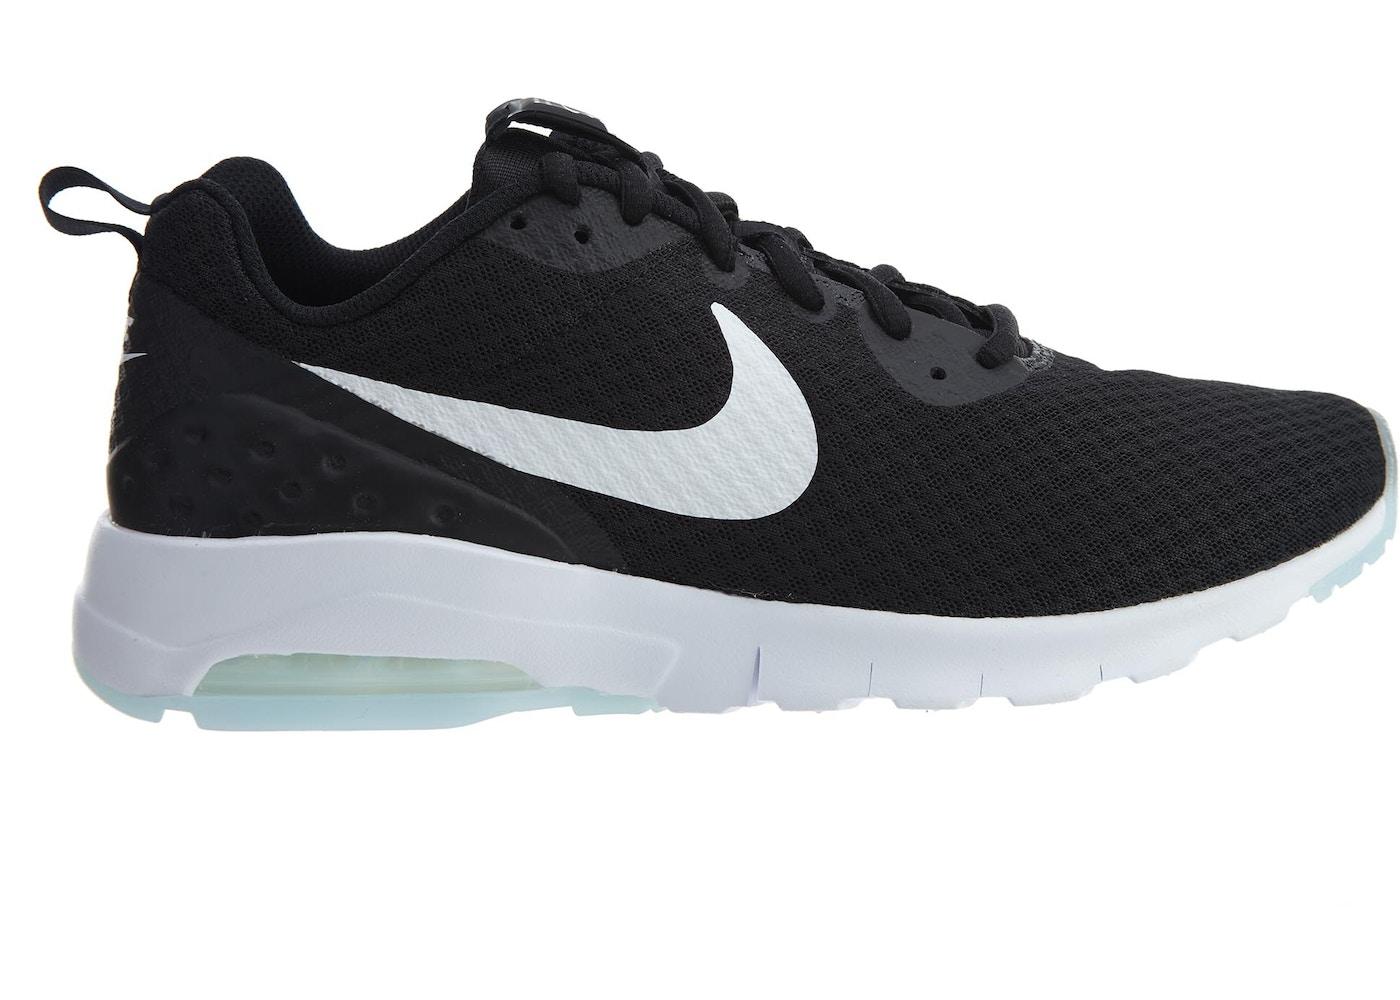 buy popular d855b 2b1f4 Nike Air Max Motion Lw Black/White - 833260-010